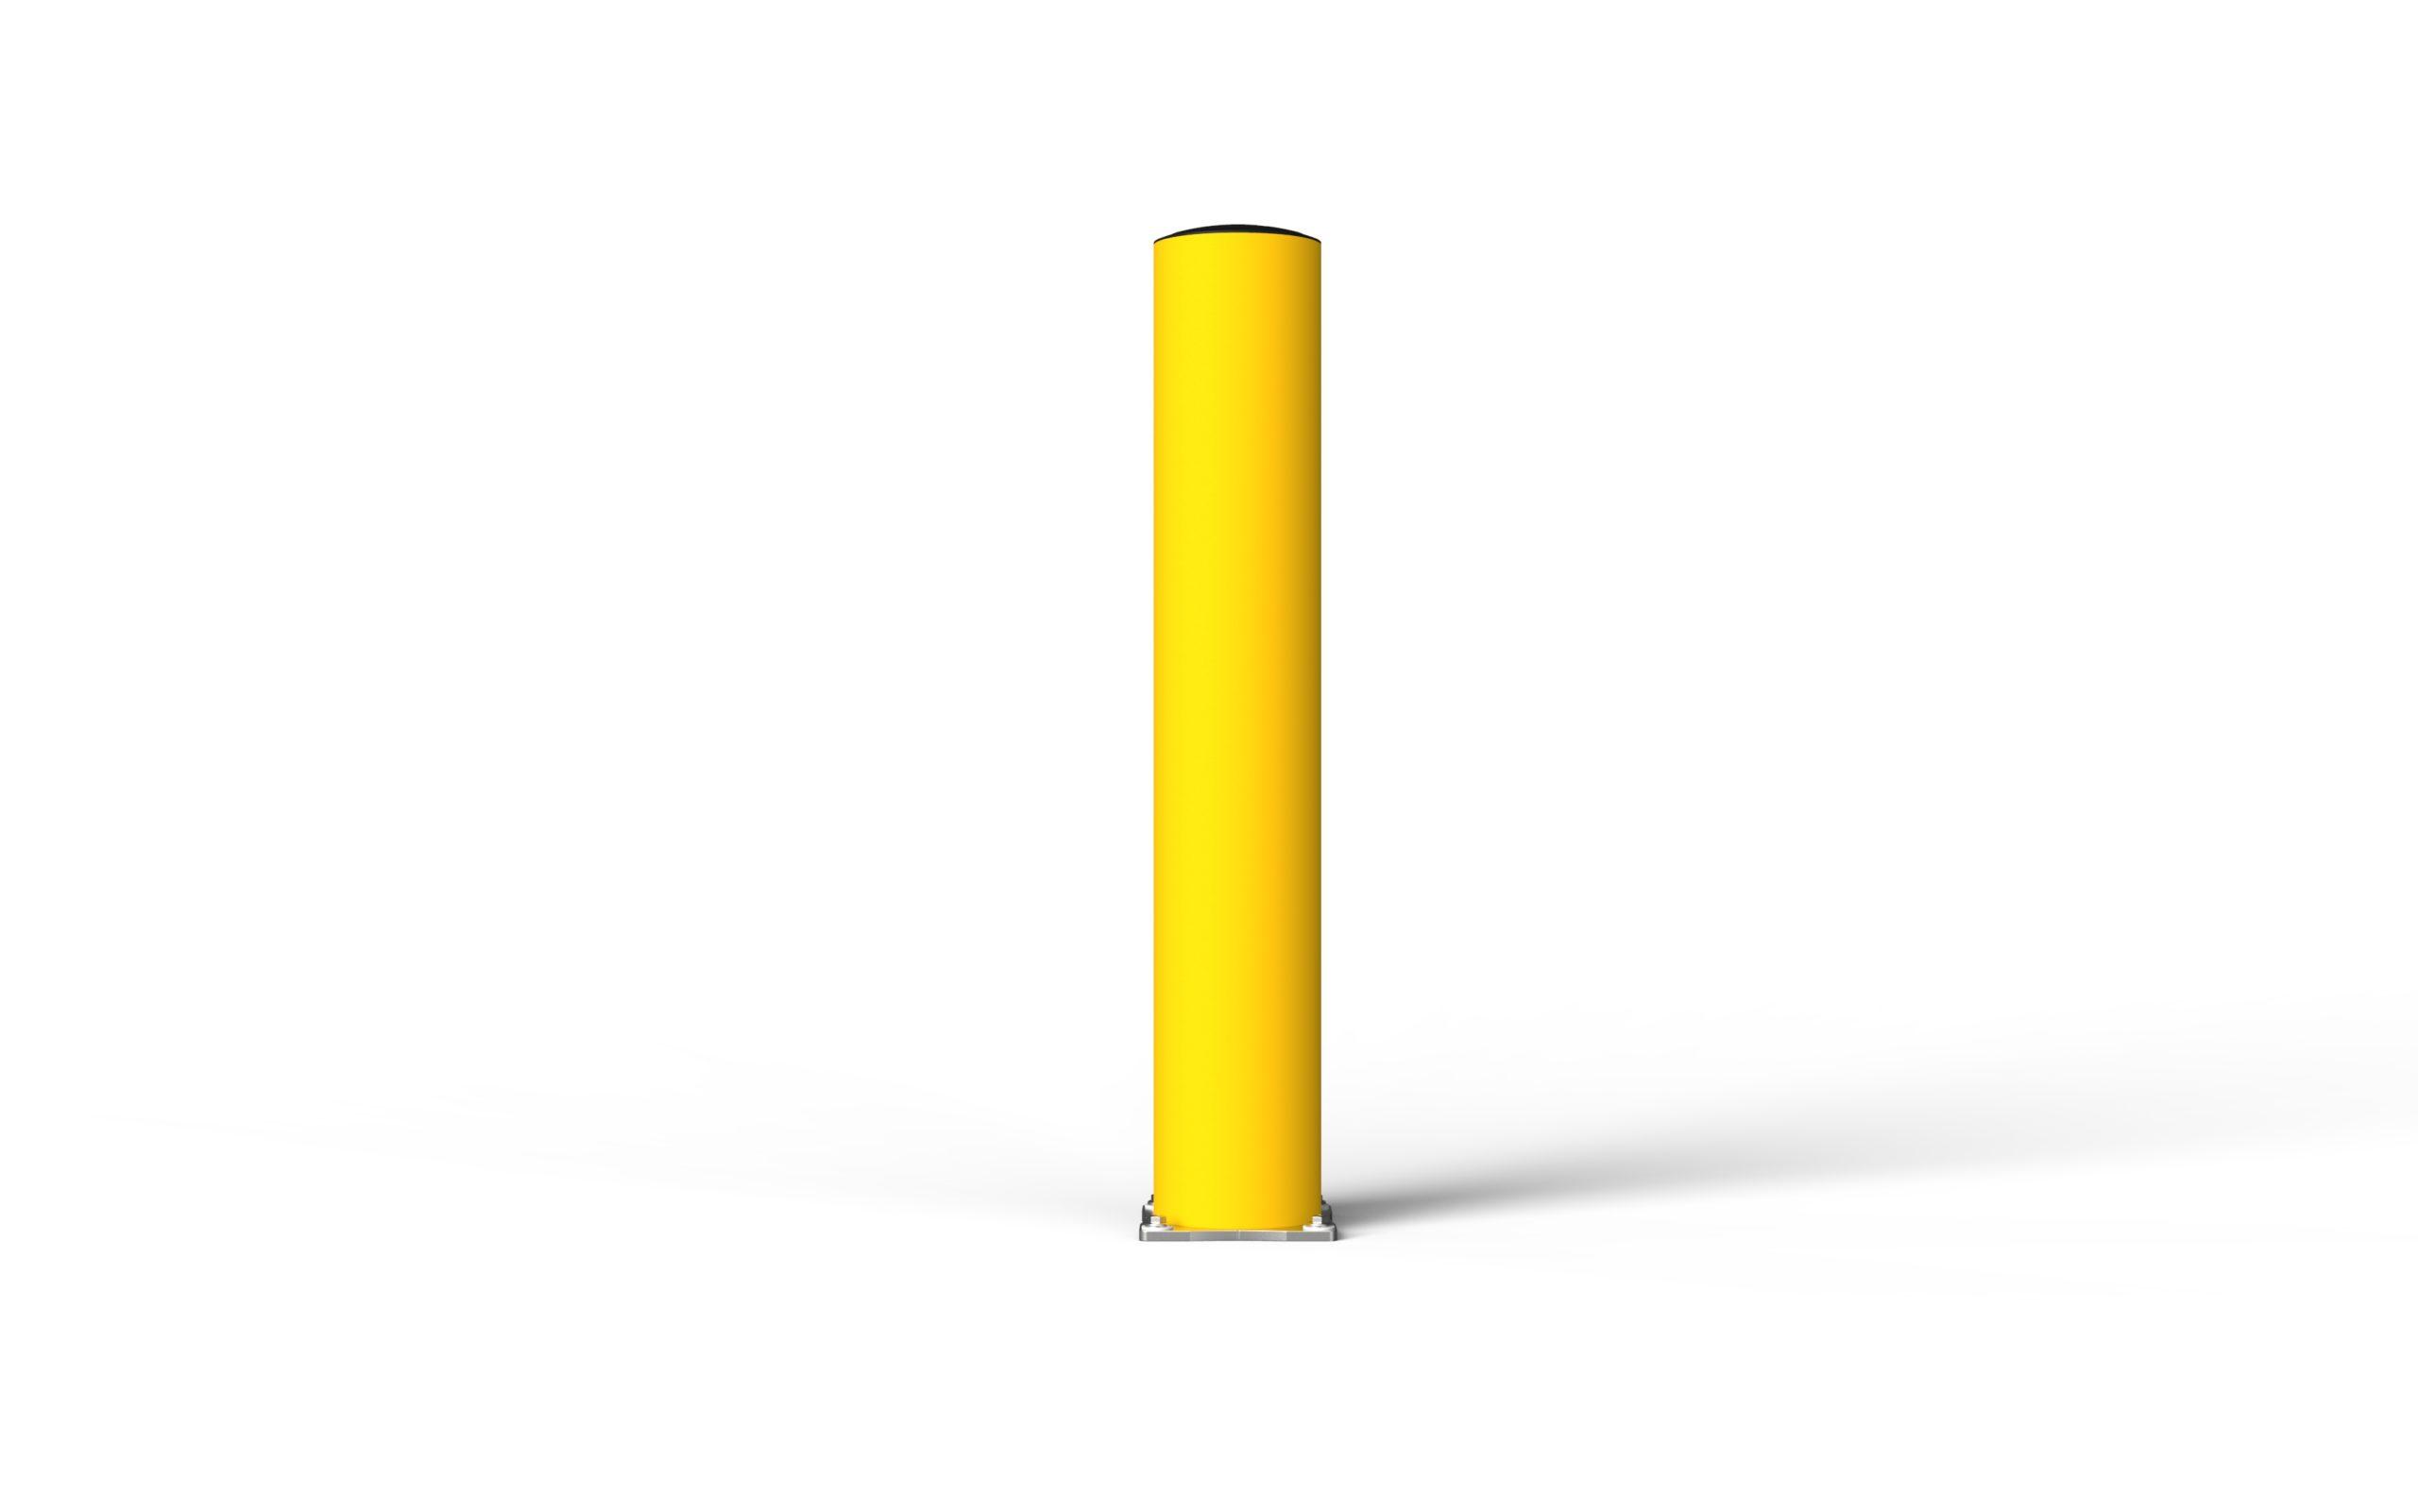 Schutzpoller boplan® BO Impact Ø200 – Höhe 1200 mm – gelb mit Edelstahlbodenplatte